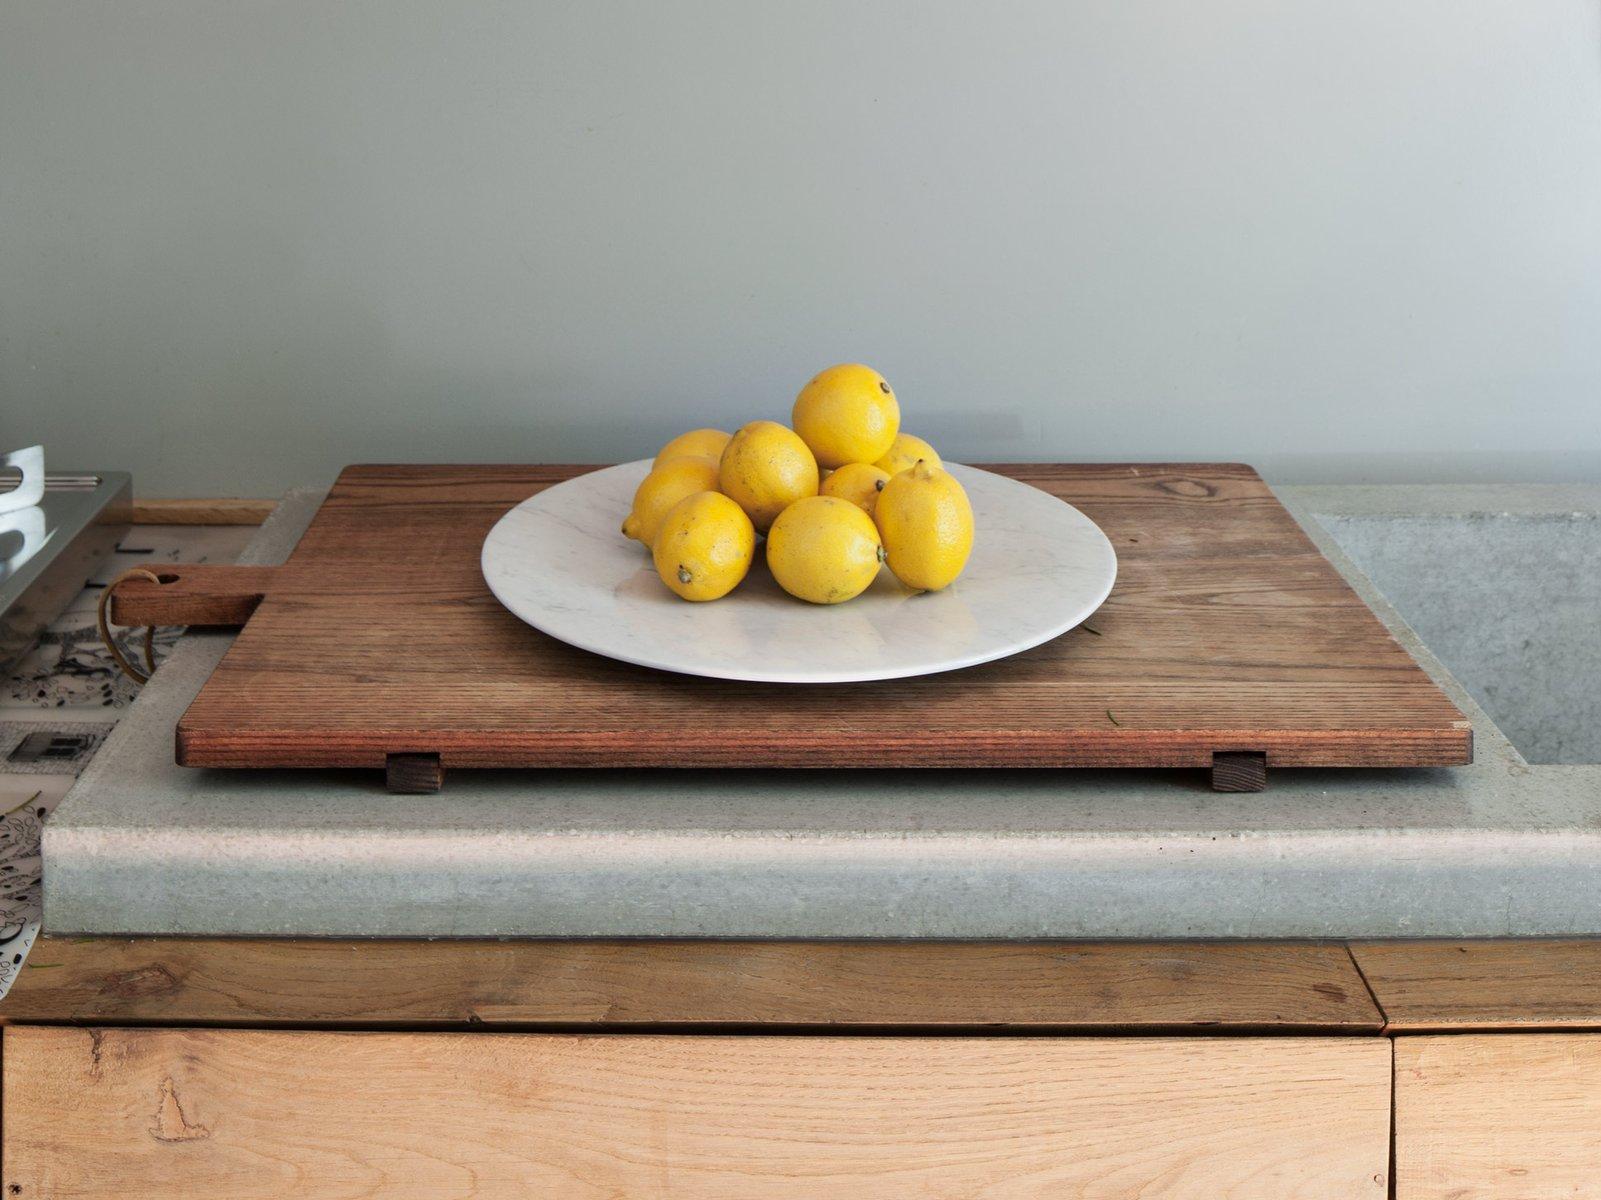 bramante wei er carrara marmor teller von stories of italy bei pamono kaufen. Black Bedroom Furniture Sets. Home Design Ideas